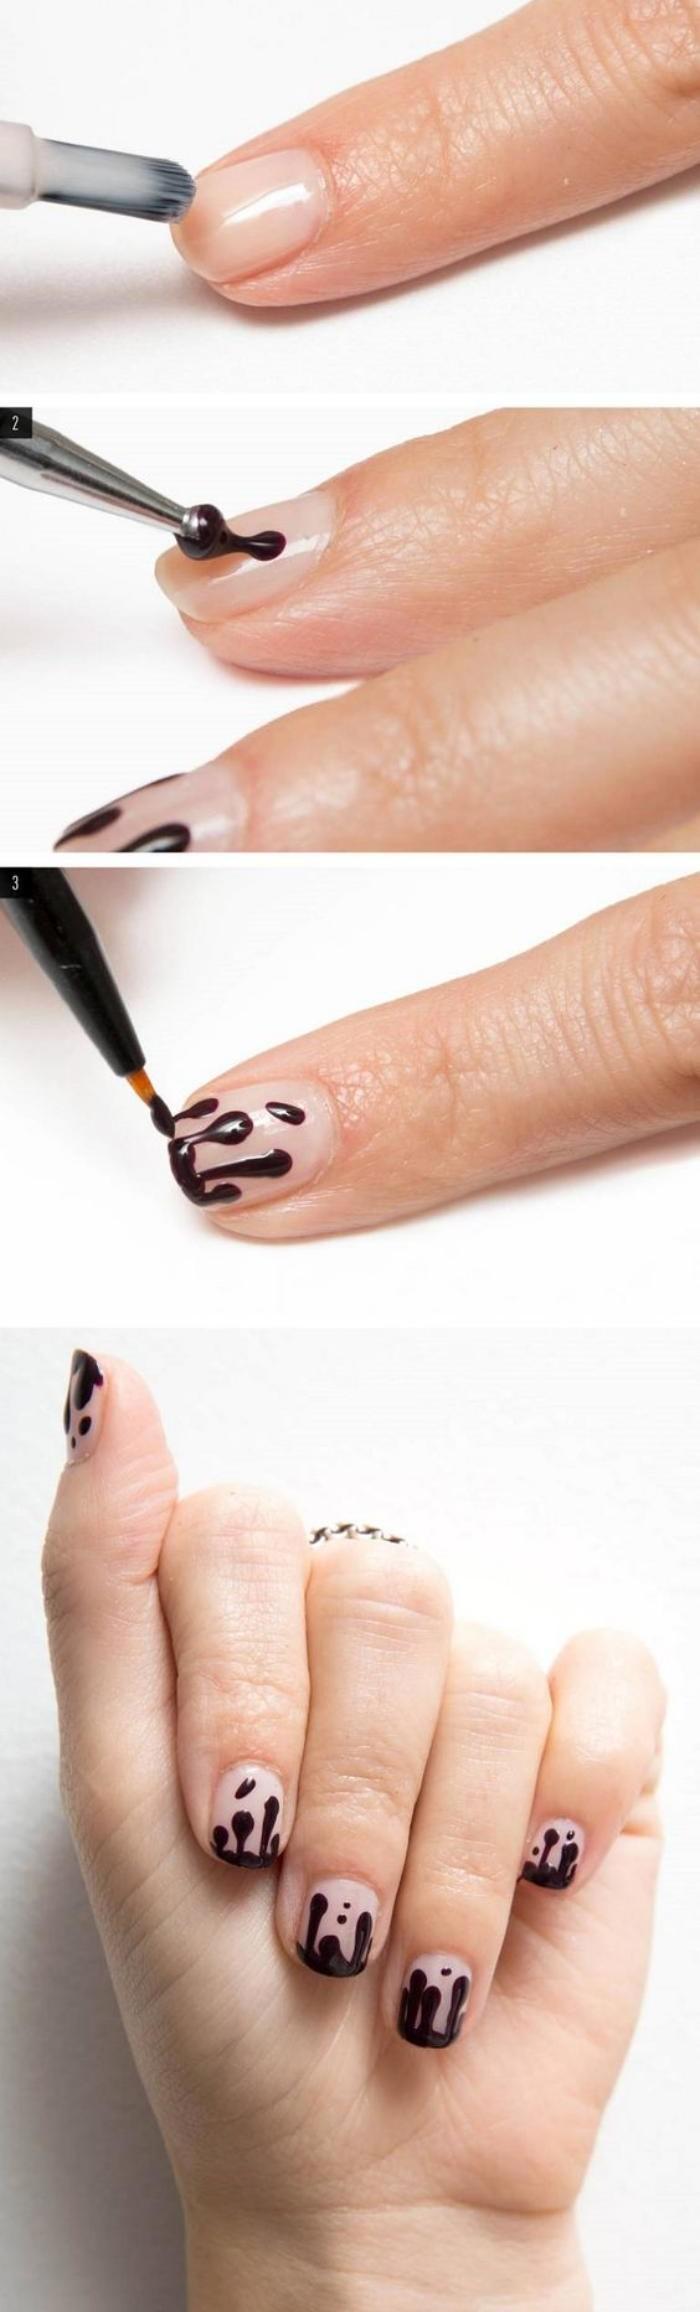 manucure-en-couleur-nude-créer-sa-manucure-originale-idée-deco-ongle